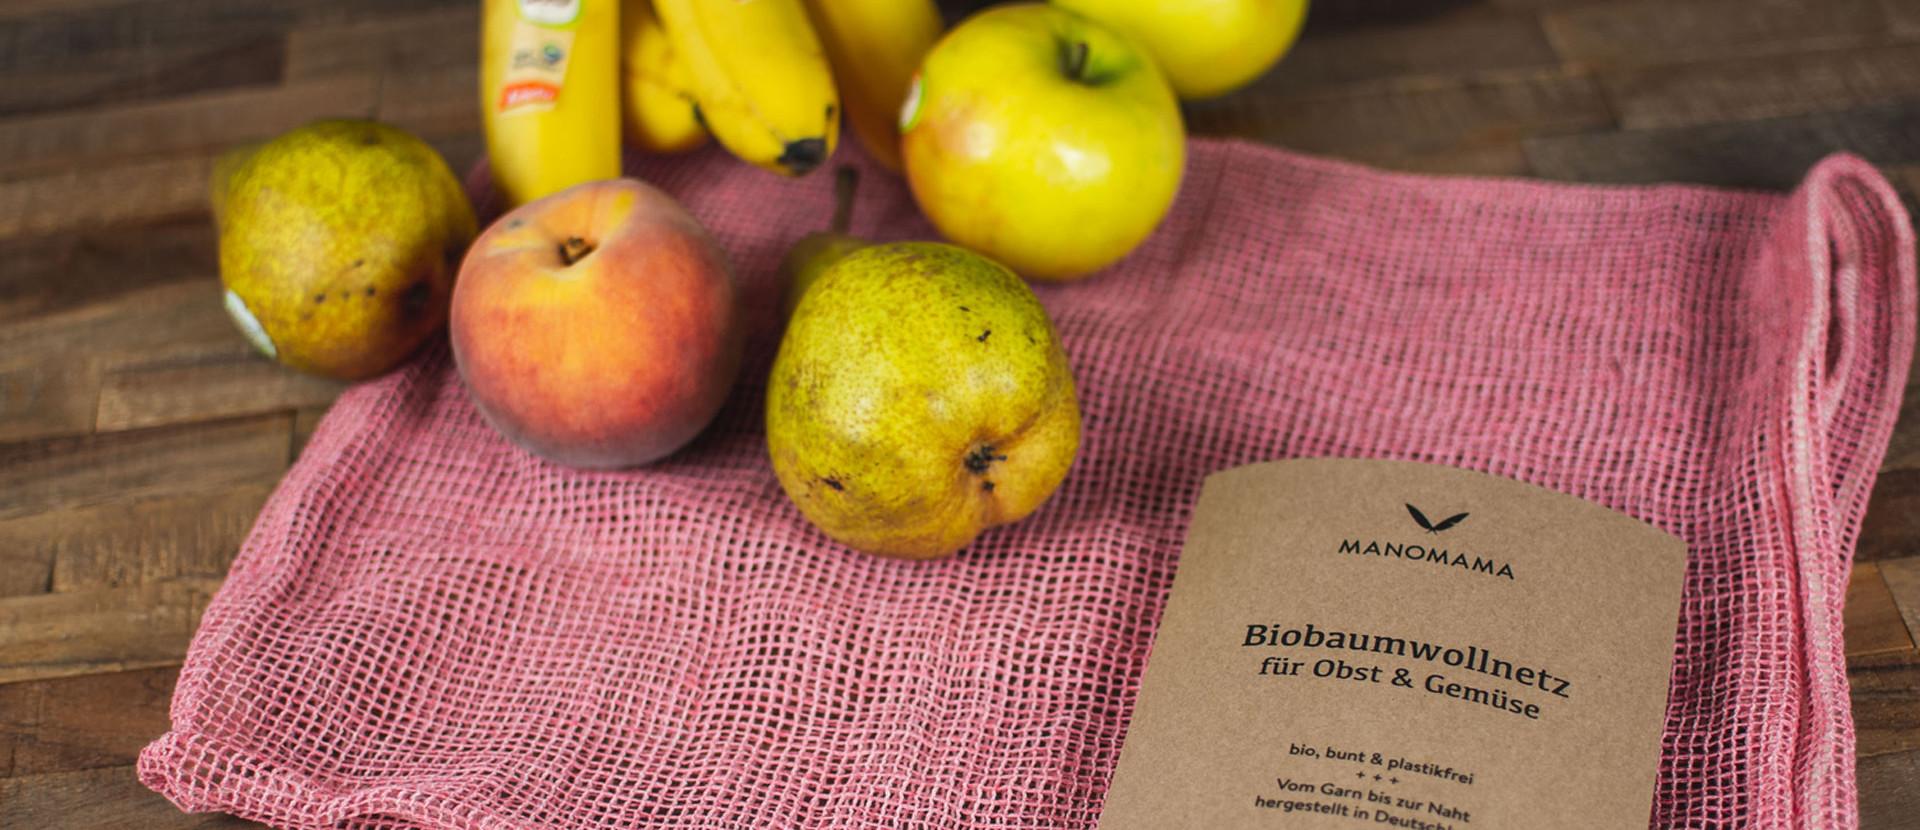 Bio-Baumwollnetz mit Äpfeln und Birnen